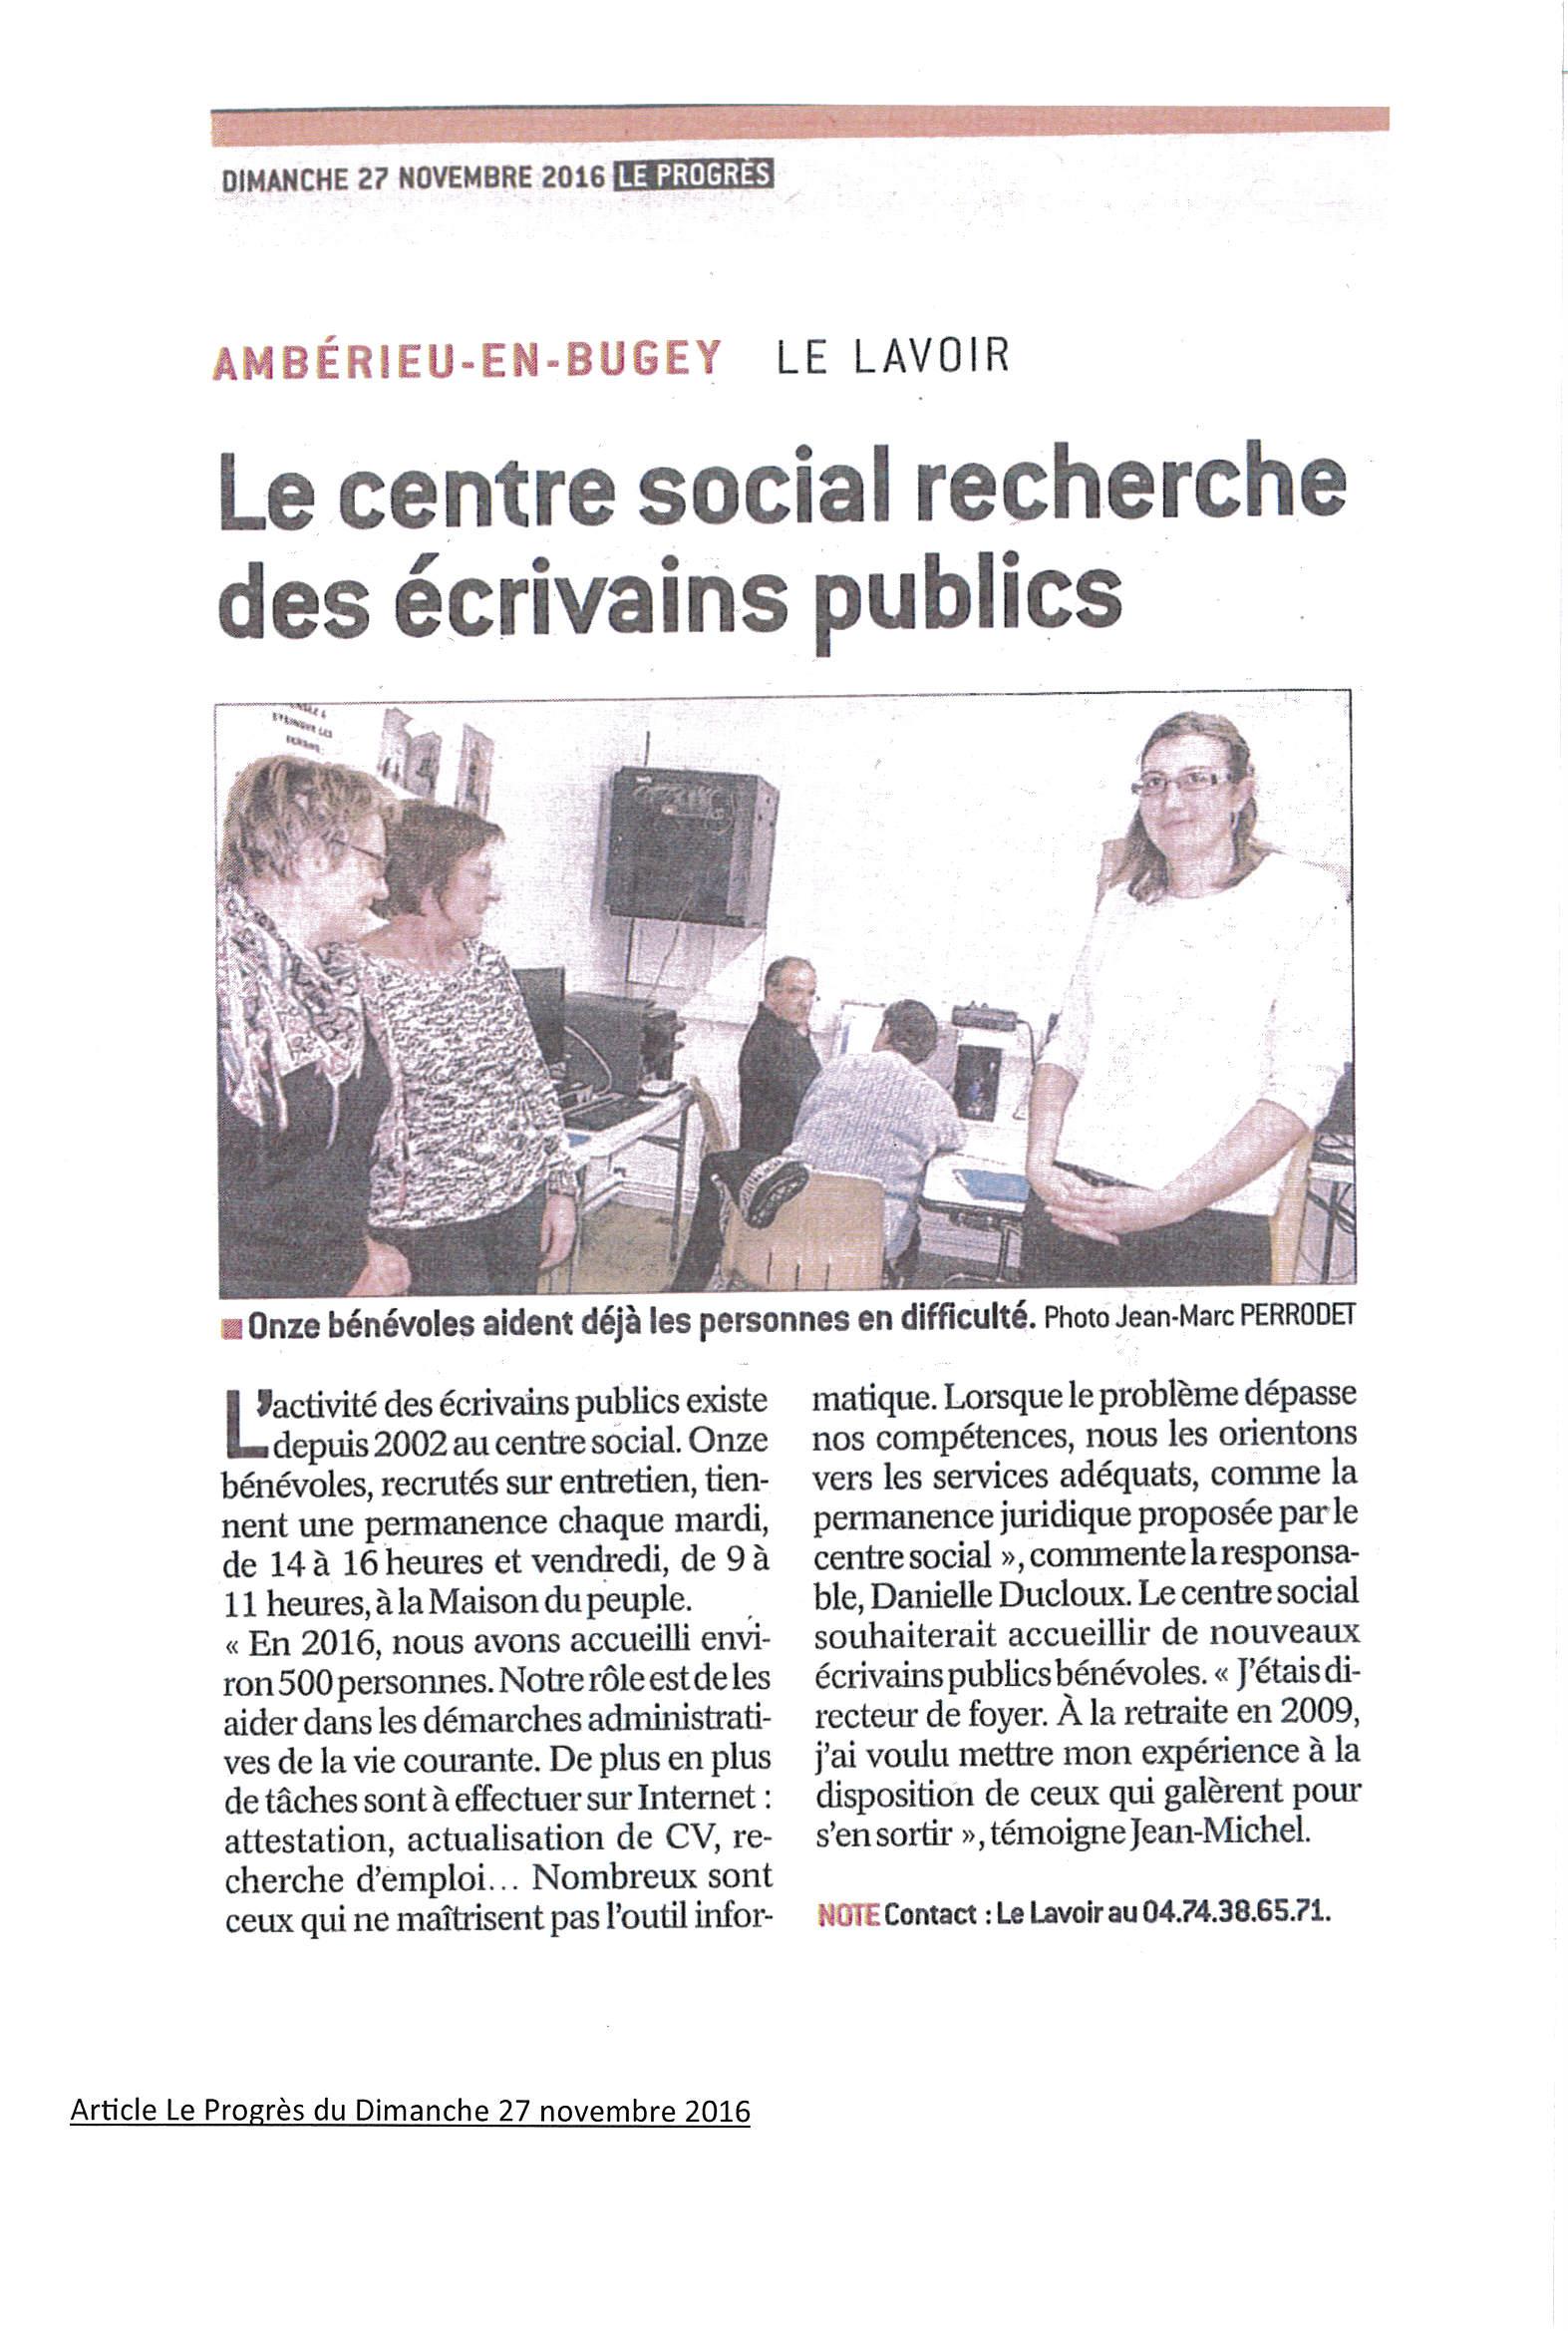 article-du-progres-dimanche-27-novembre-2016